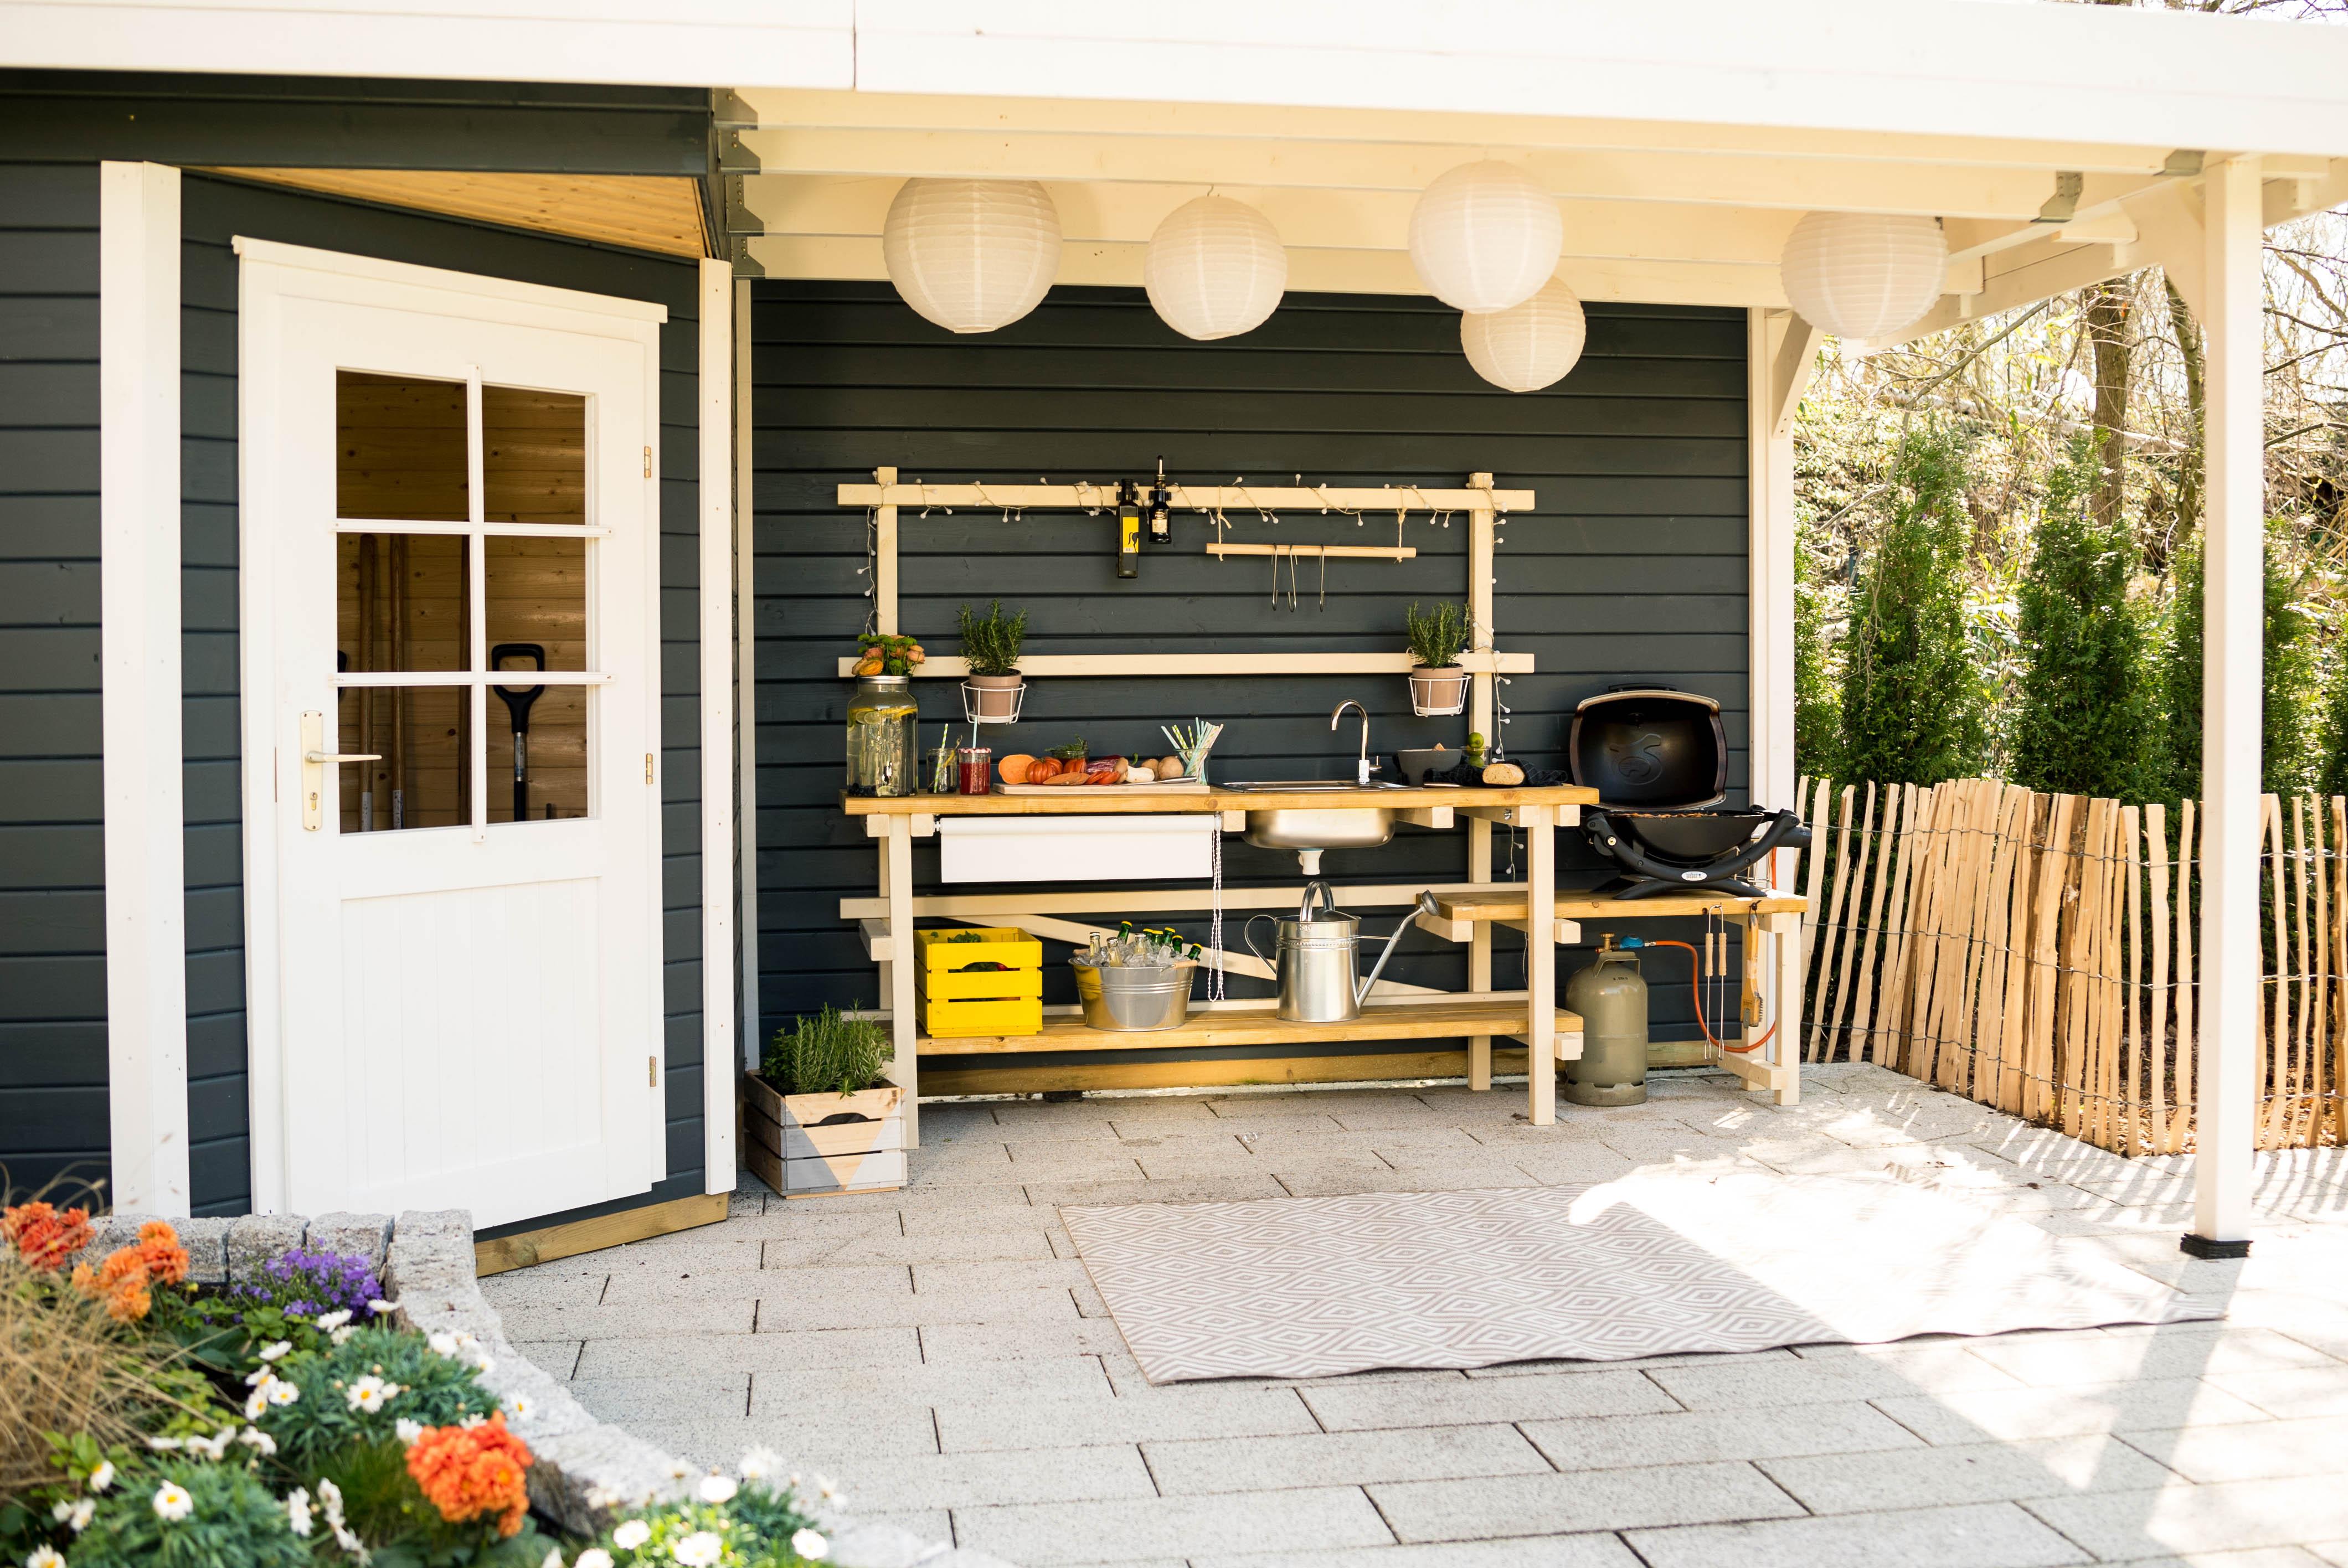 Küche Selber Bauen  Outdoor Küche aus Holz bauen – Tipps zur Planung